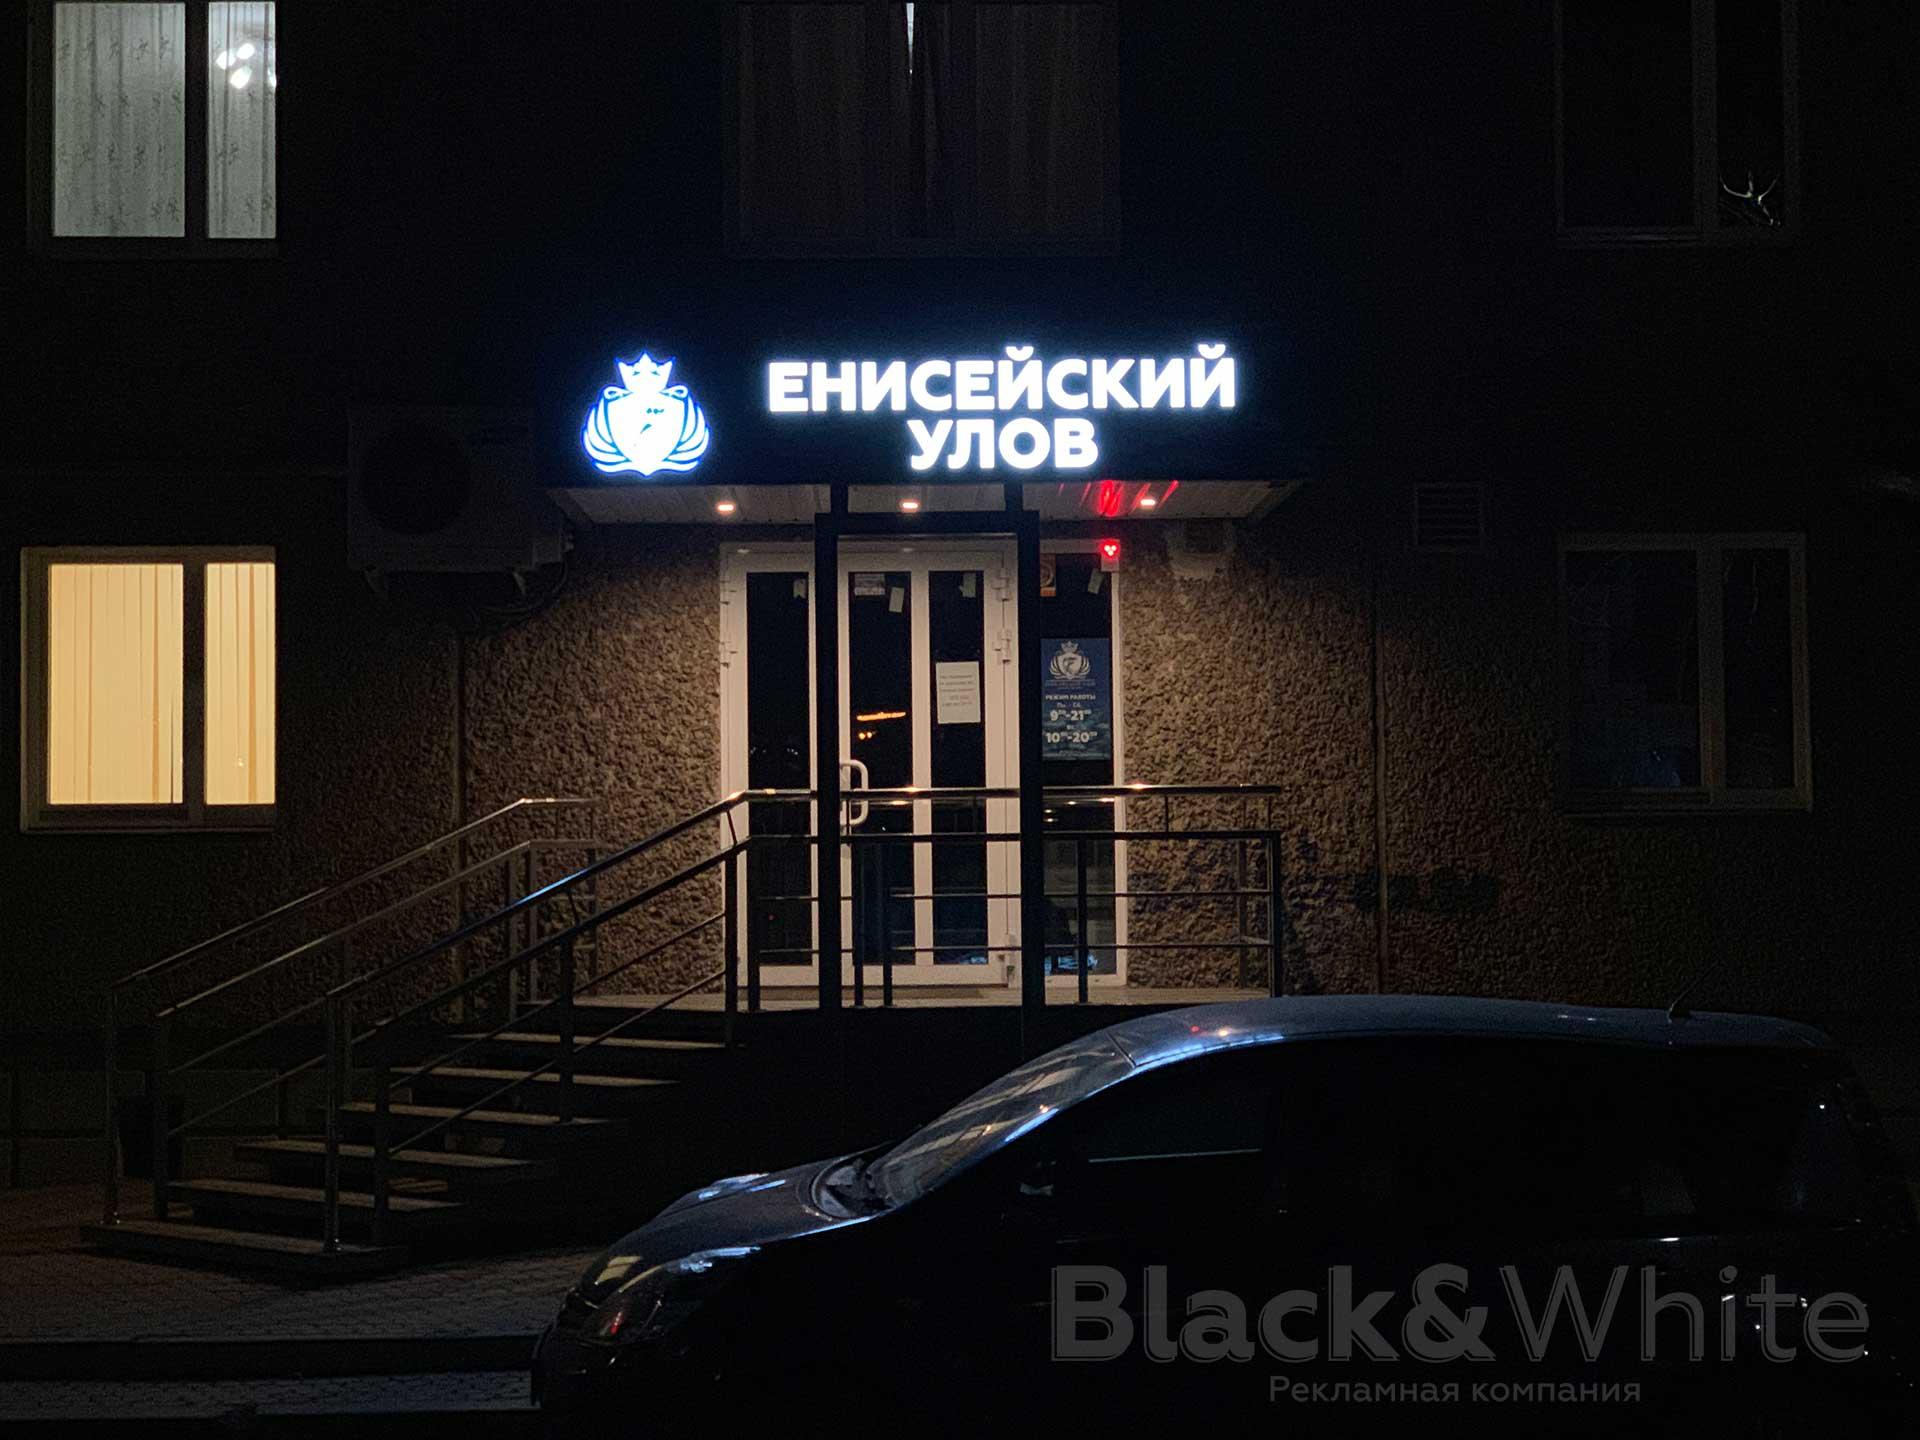 Световой-короб-из-композита-объёмный-световой-логотип-сложной-формы-световая-вывеская-для-магазина-продуктов-изготовление-...jpg